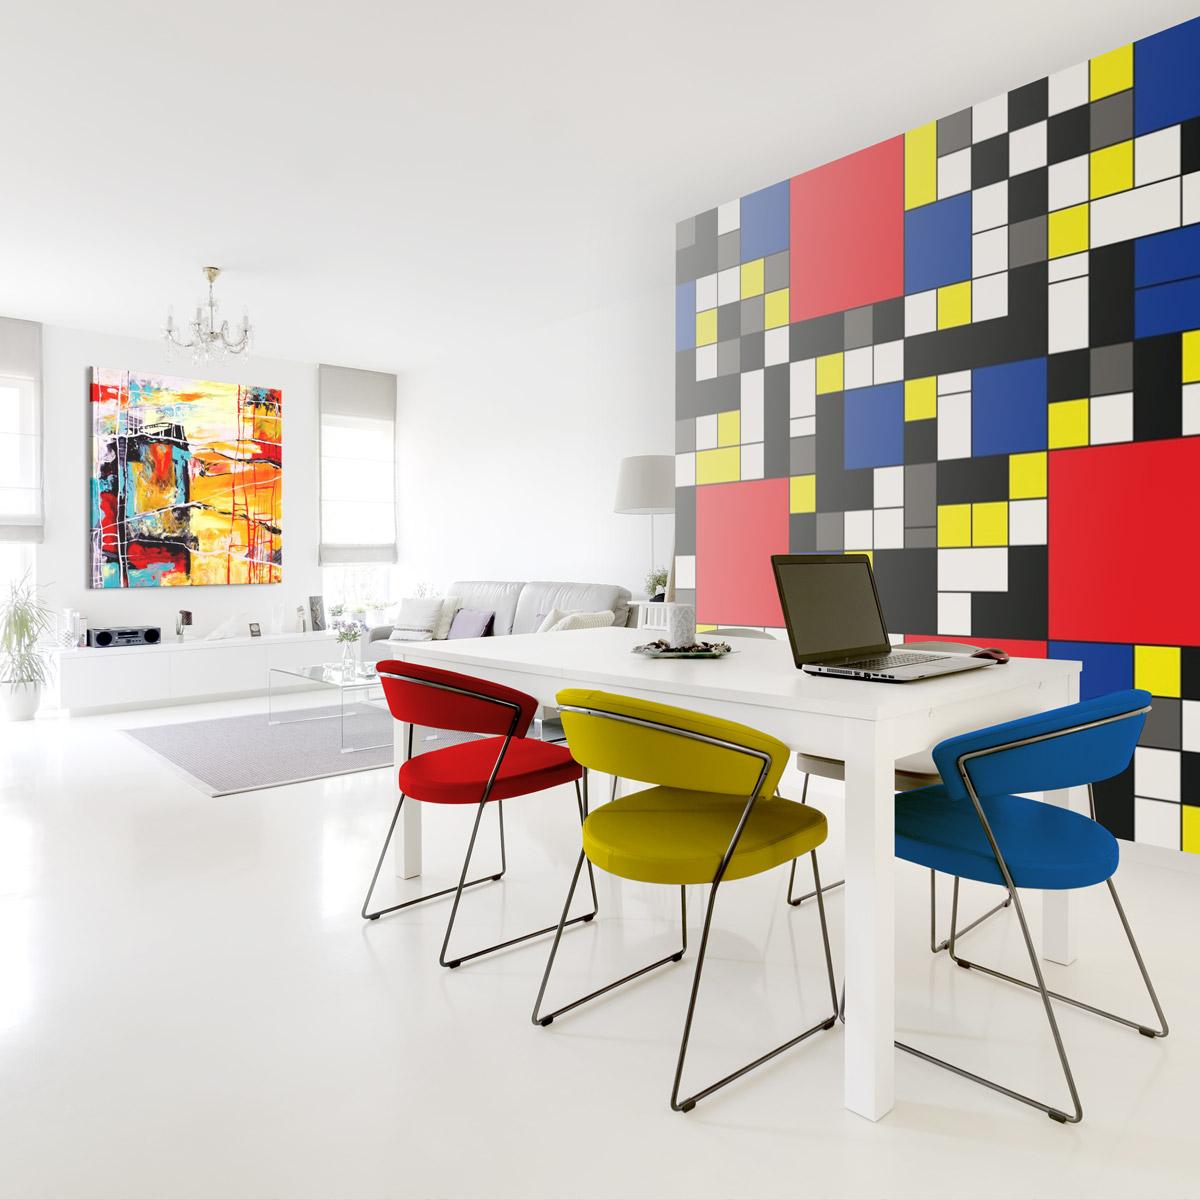 Stile bauhaus quadri e carta da parati moderna per una casa dal design minimal - Quadri per casa moderna ...